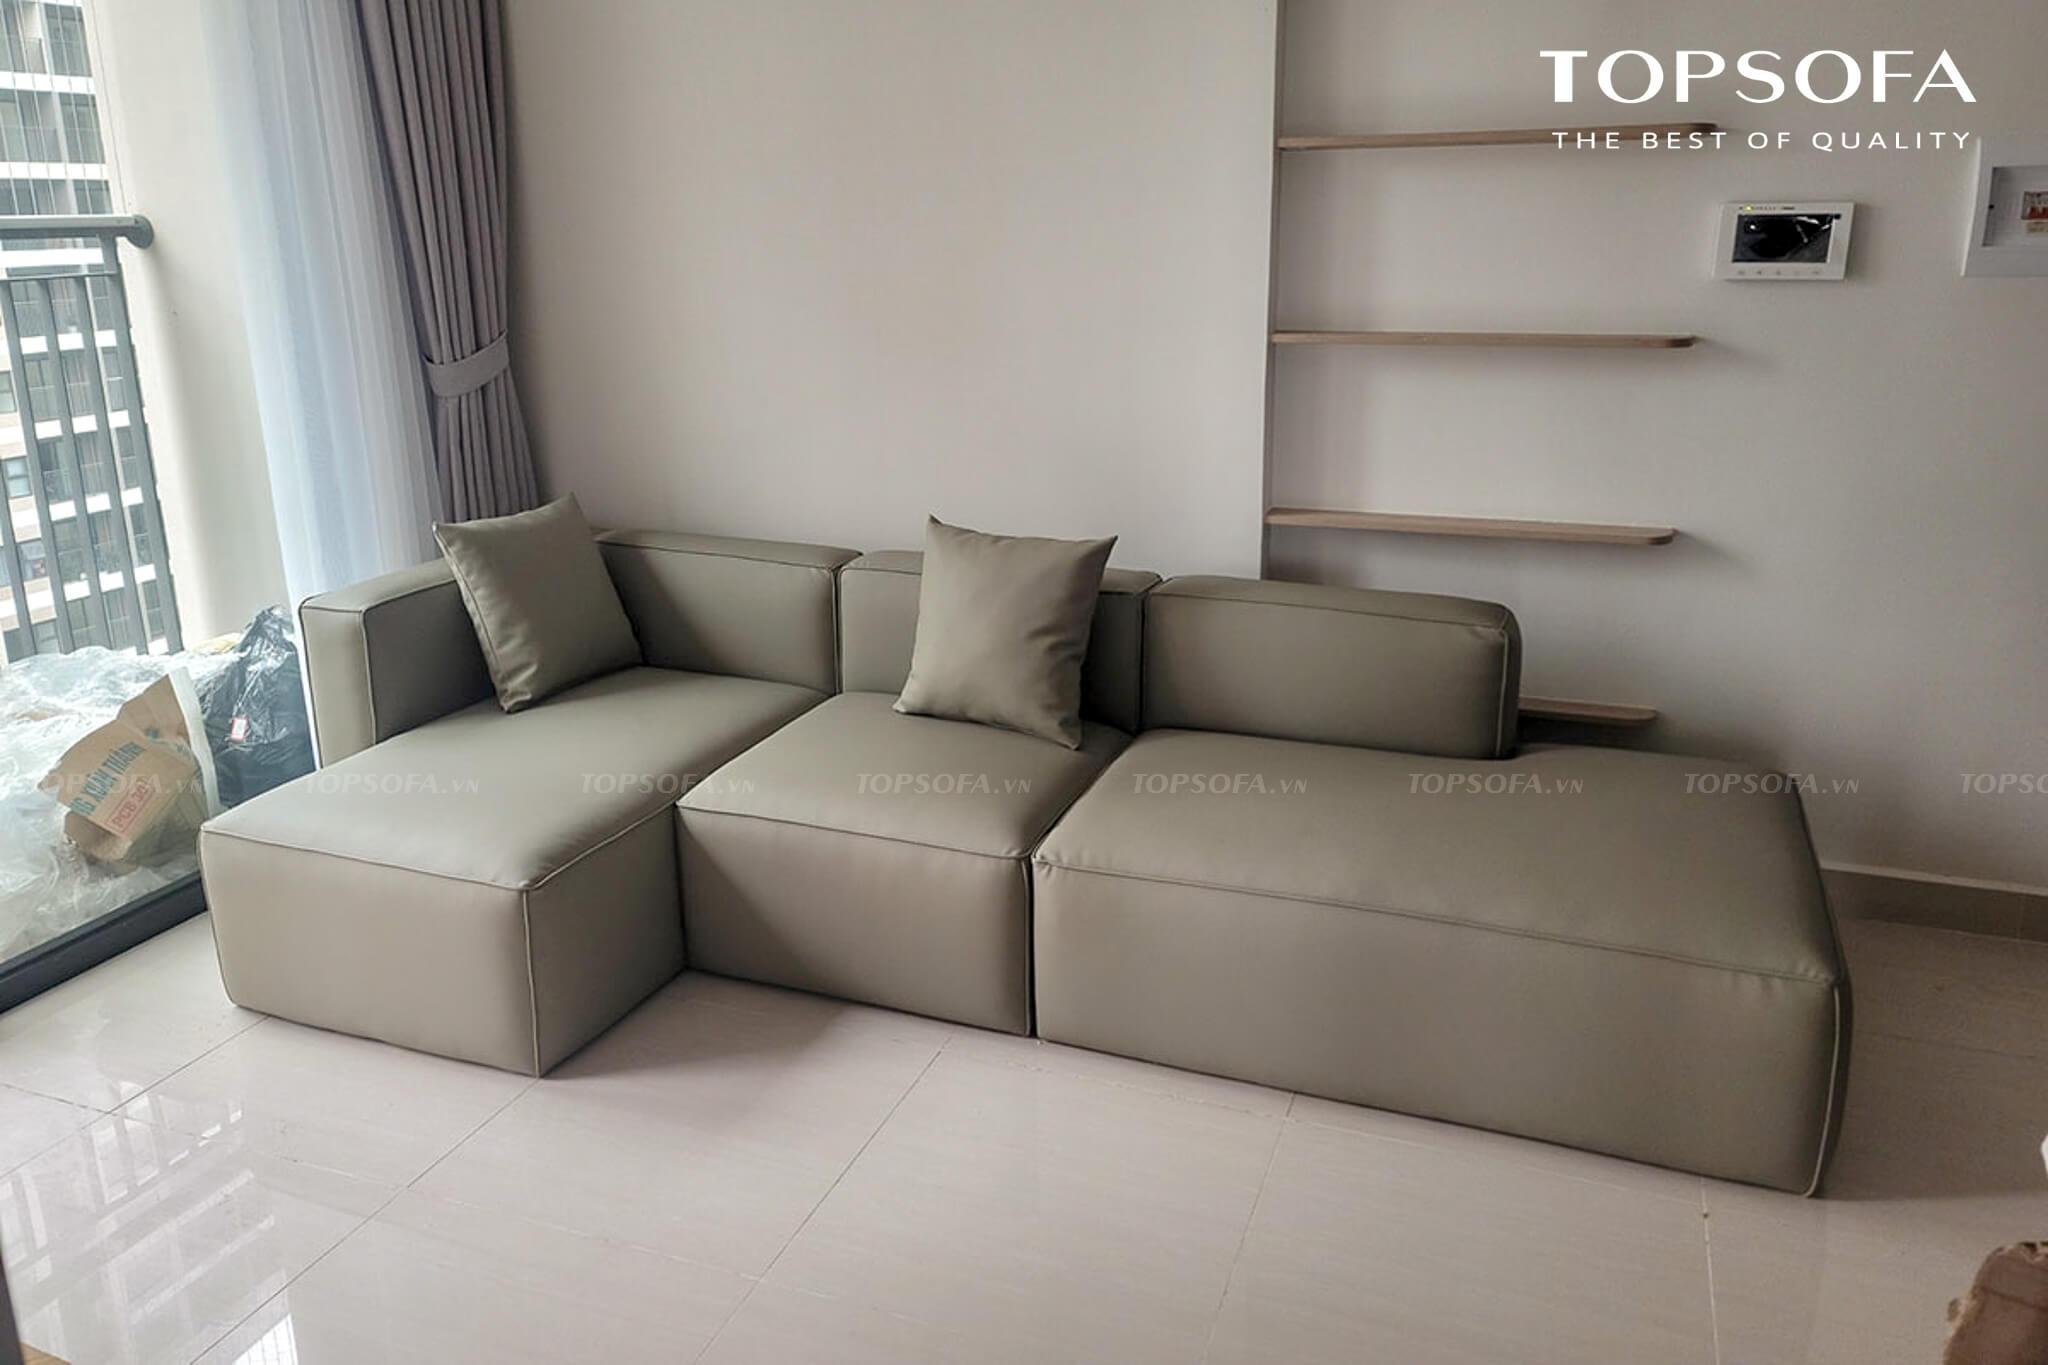 Đệm ngồi sofa góc 2m2 TS248 bằng mút Inoac Nhật Bản, được thiết kế dày dặn hơn hẳn phần lưng giúp mang lại sự êm ái và cảm giác thoải mái tối đa cho người ngồi